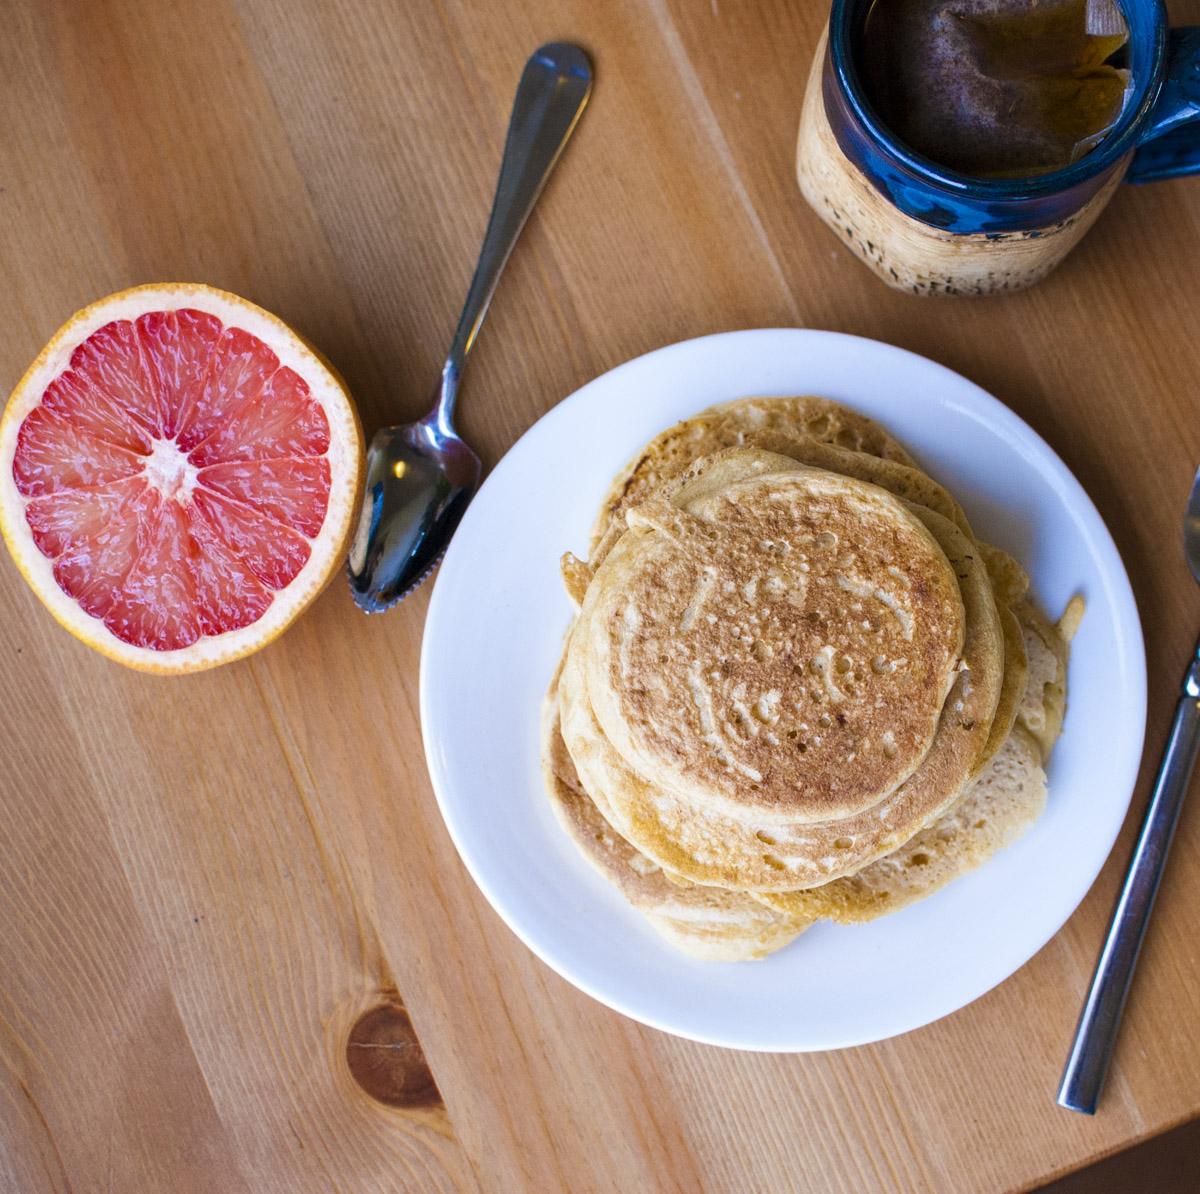 newpancakes2.jpg